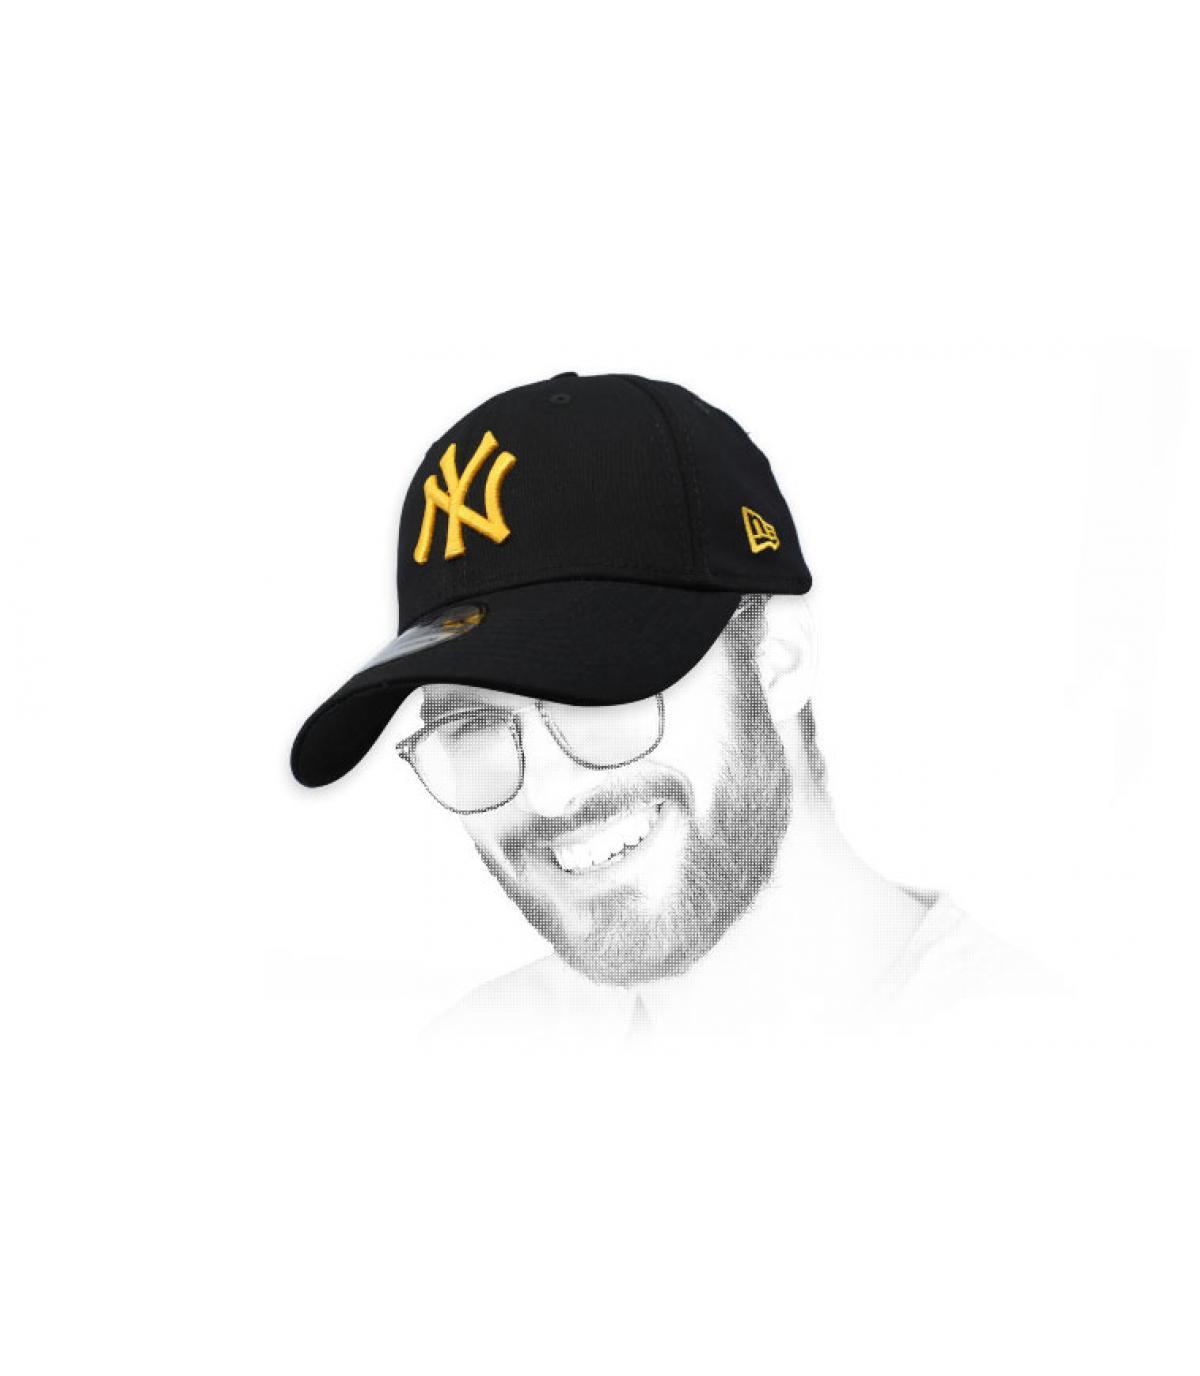 gorra NY negro oro